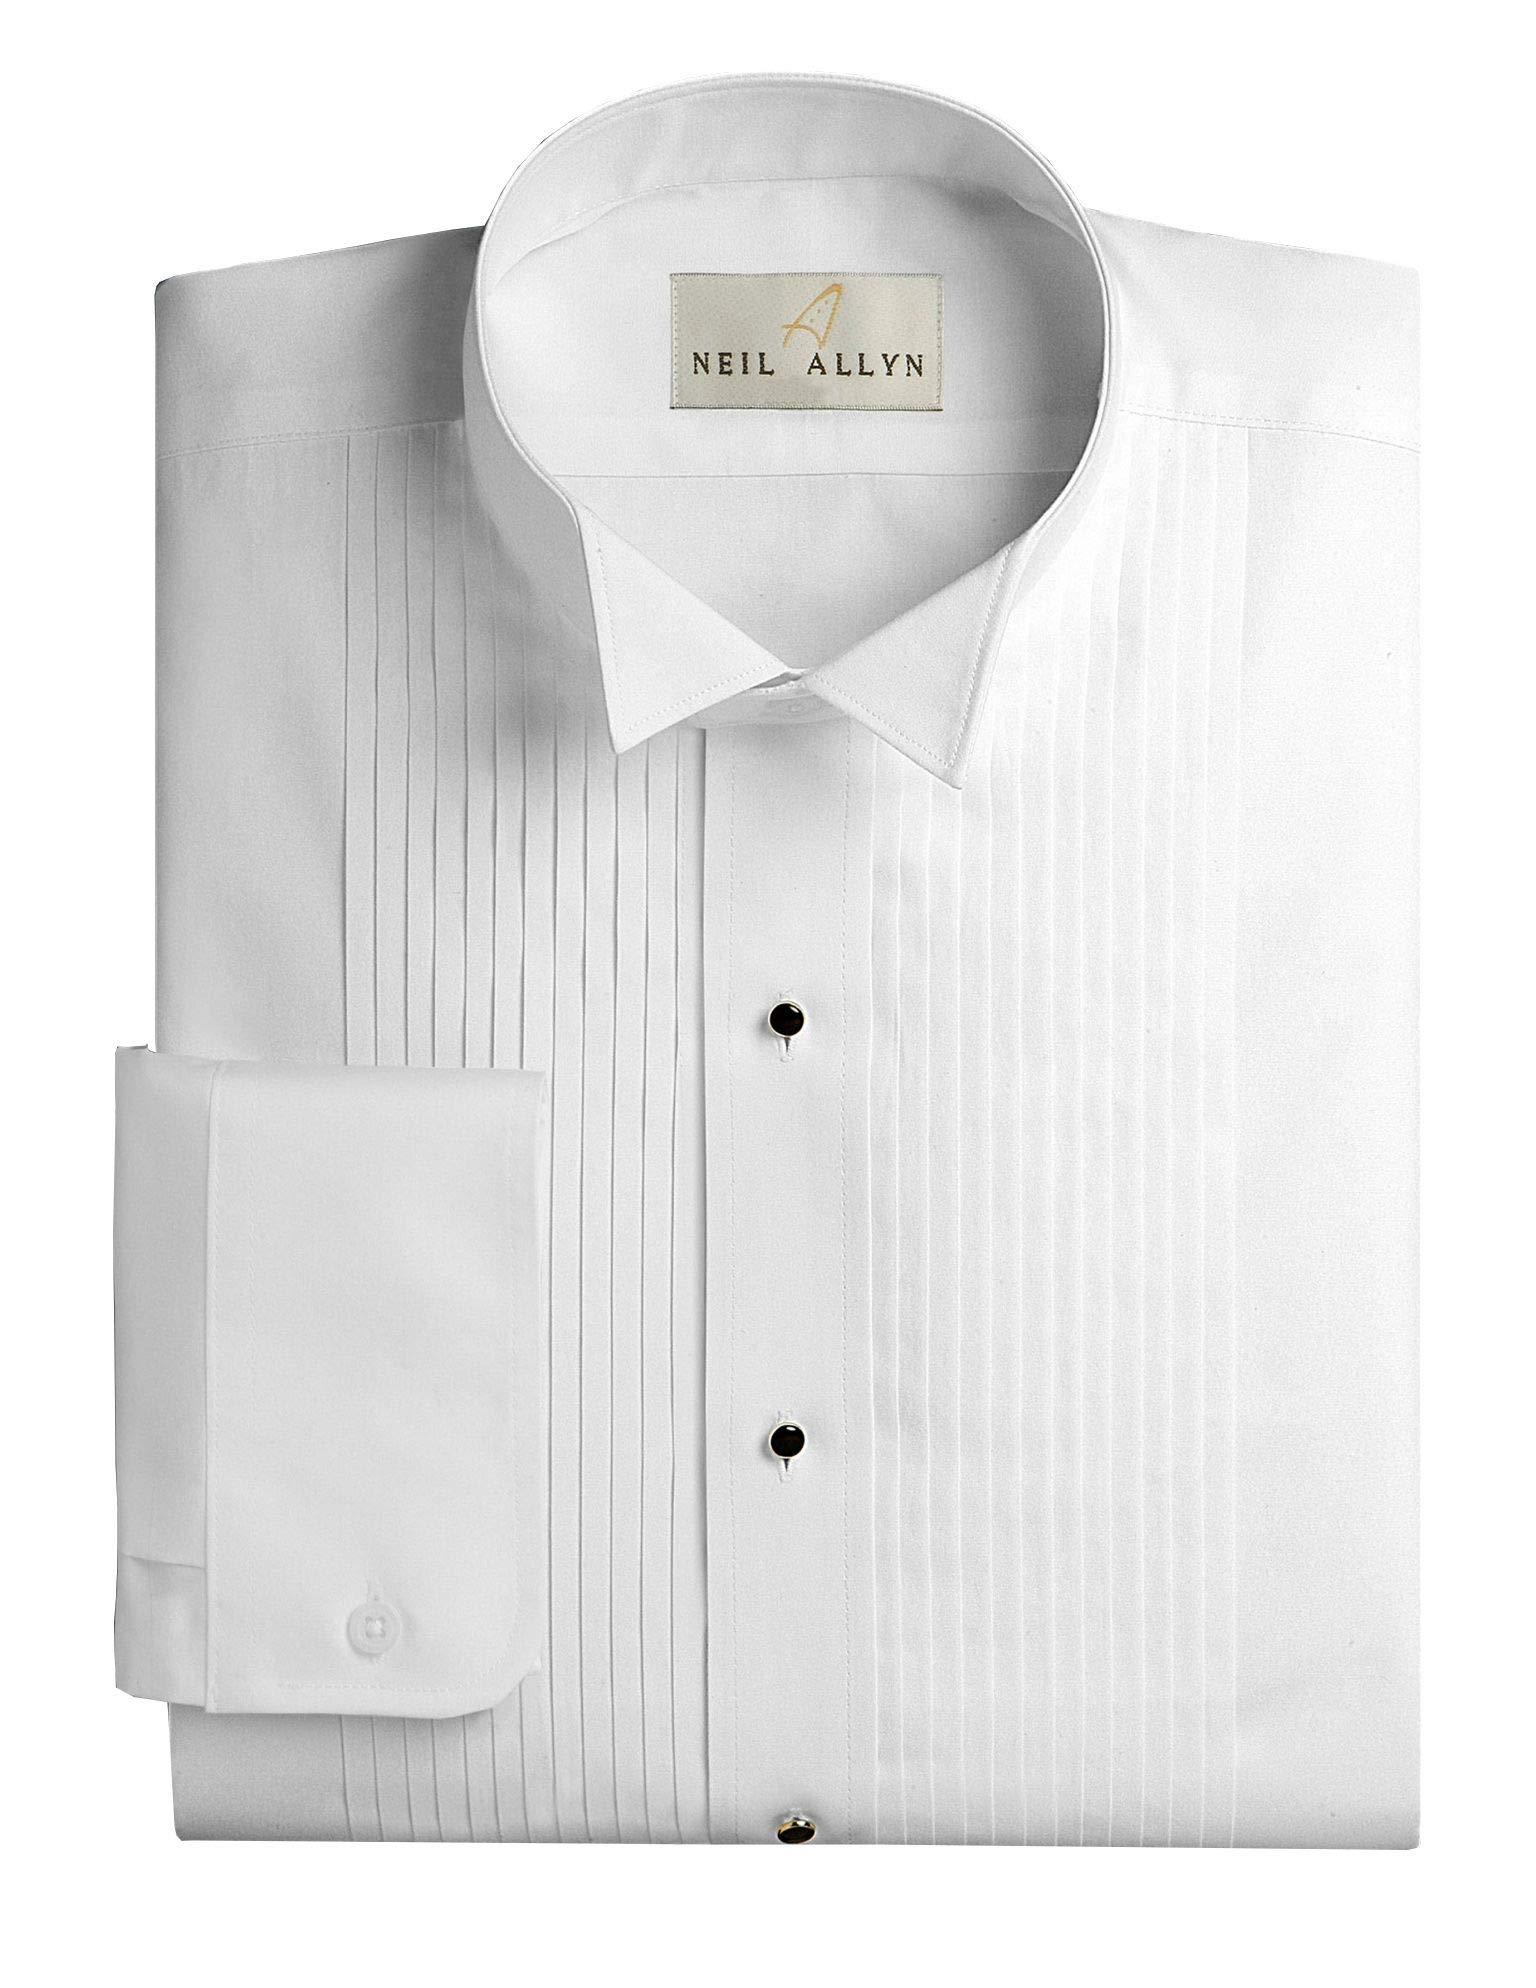 Neil Allyn Men's Slim FIT Wing Collar 1/4'' Pleats Tuxedo Shirt-2XL-32-33 White by Neil Allyn